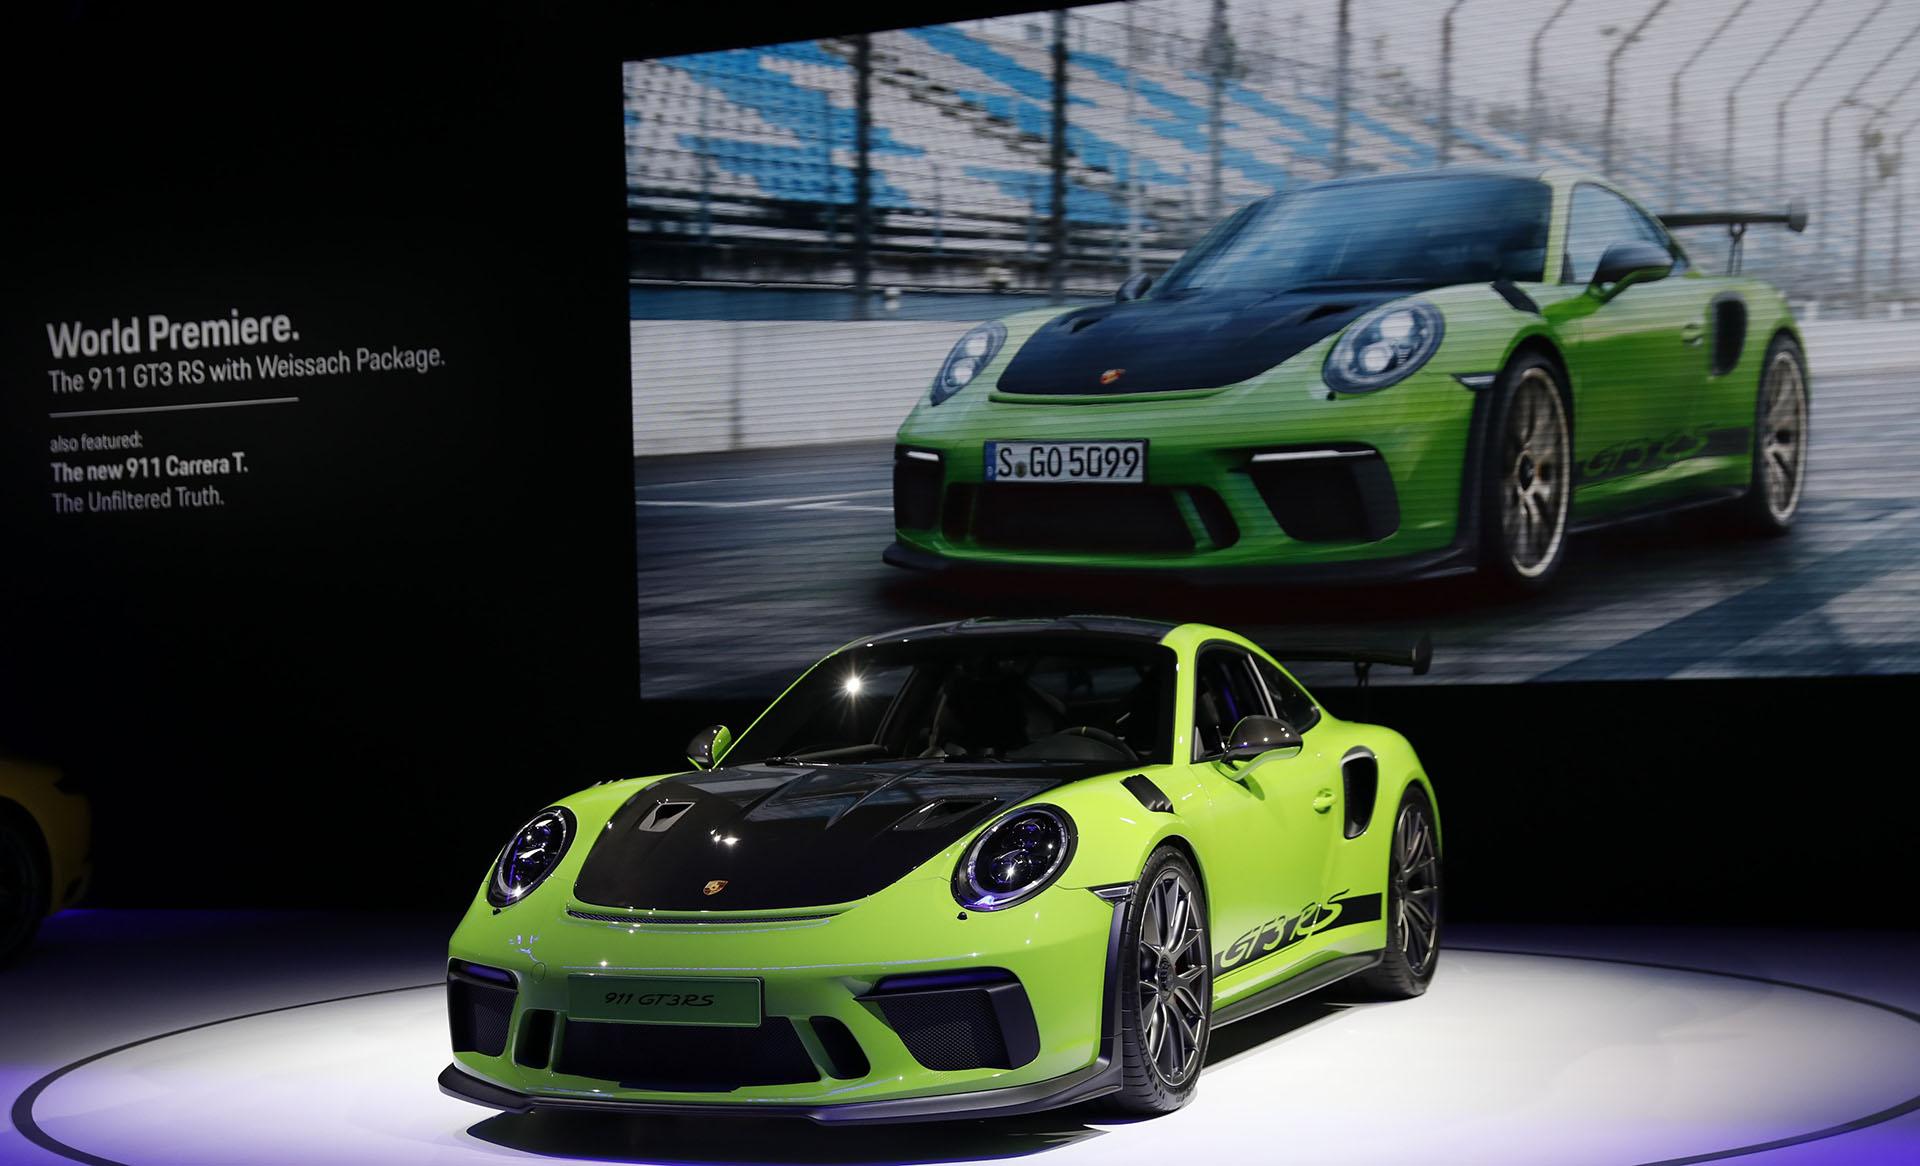 En Ginebra, Porsche empezó a despedir a la actual generación de su modelo más legendario: el 911. El Porsche 911 GT3 RS que ya exhibió en la cita helvética, se trasladó hacia Nueva York para estirar la trascendencia de su mítico deportivo. Homologado para circular en tráfico abierto pero pensado más para el circuito que para la calle, es el nueveonce de aspiración atmosférica más potente de la historia